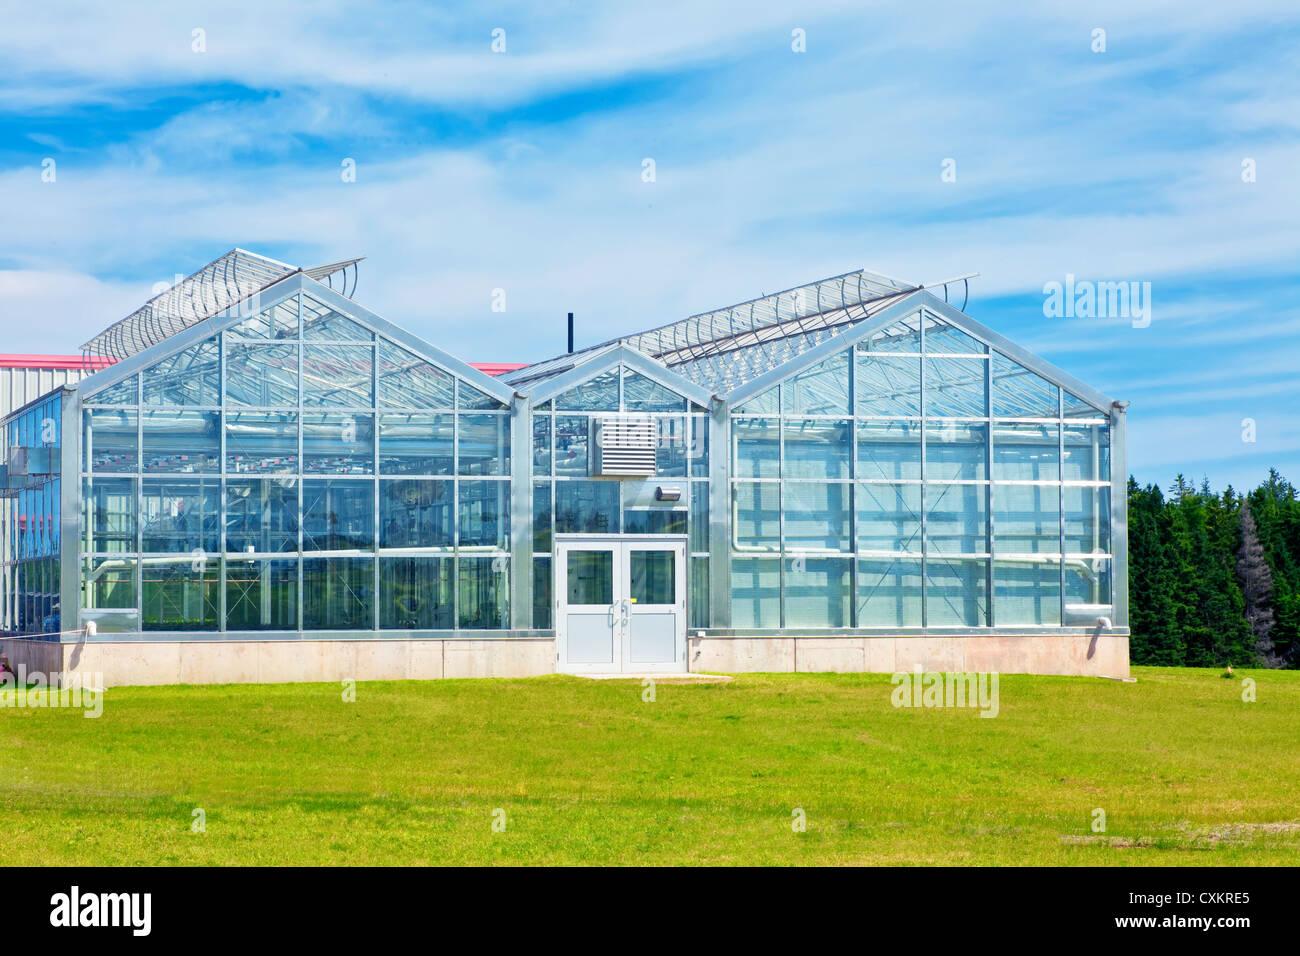 Grosse Kommerzielle Glas Gewachshaus Stockfoto Bild 50837309 Alamy